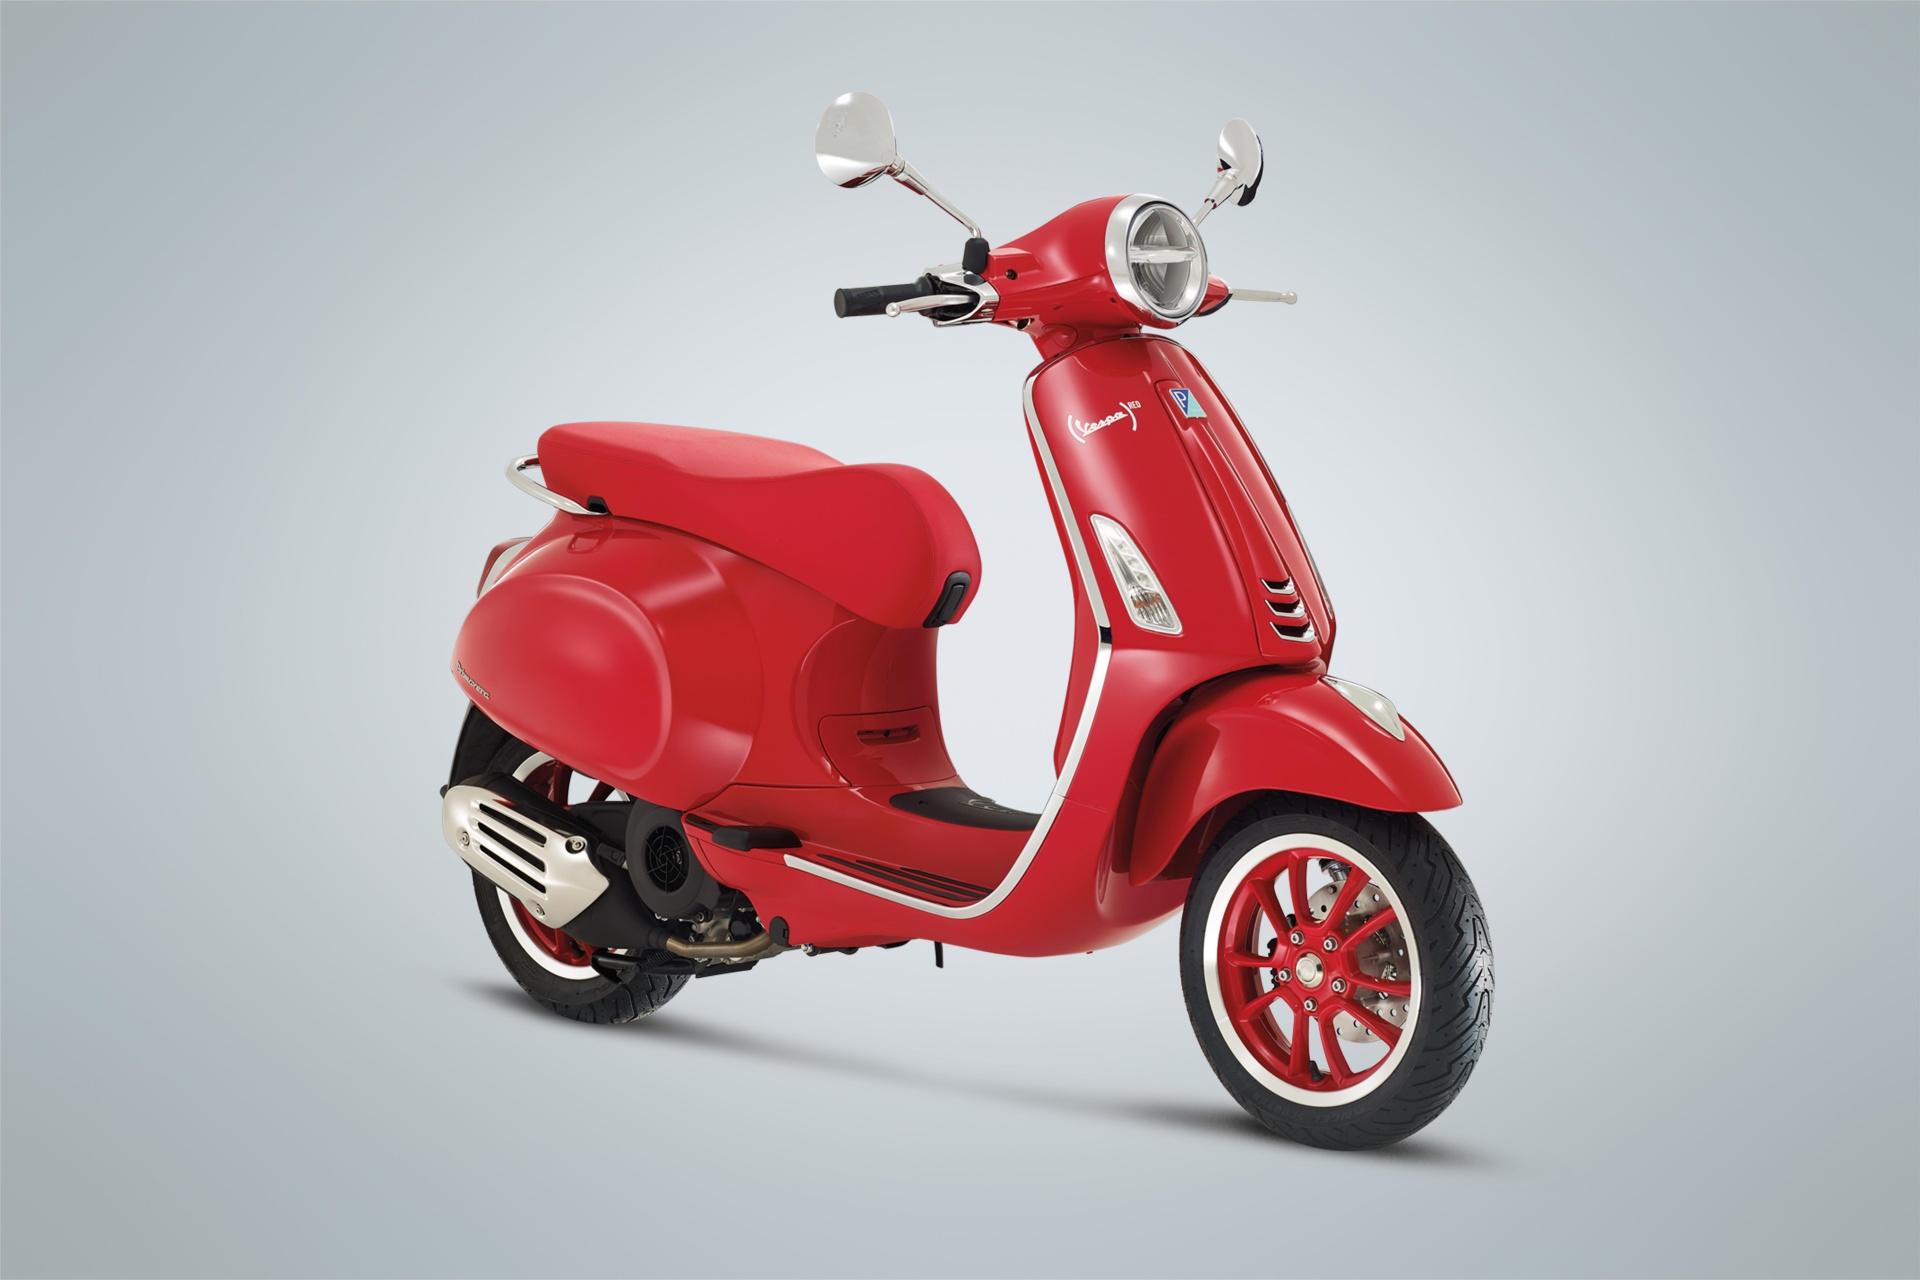 Tiếp nối 946, Vespa Primavera cũng có phiên bản RED đặc biệt